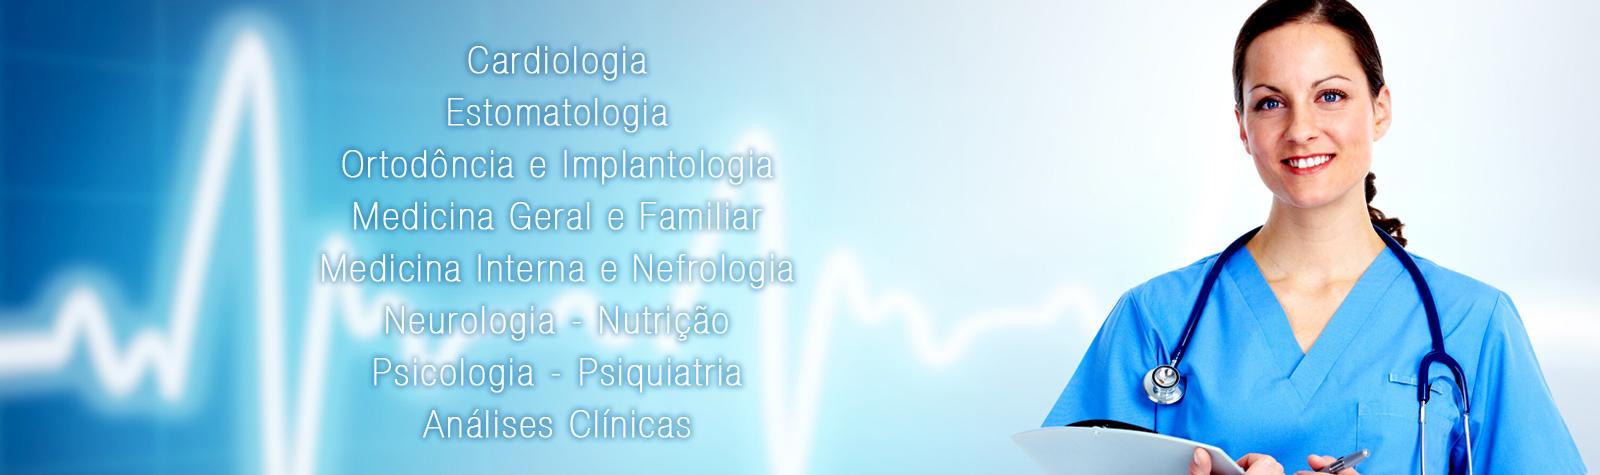 HHP-clinica-cardiologia-Slider